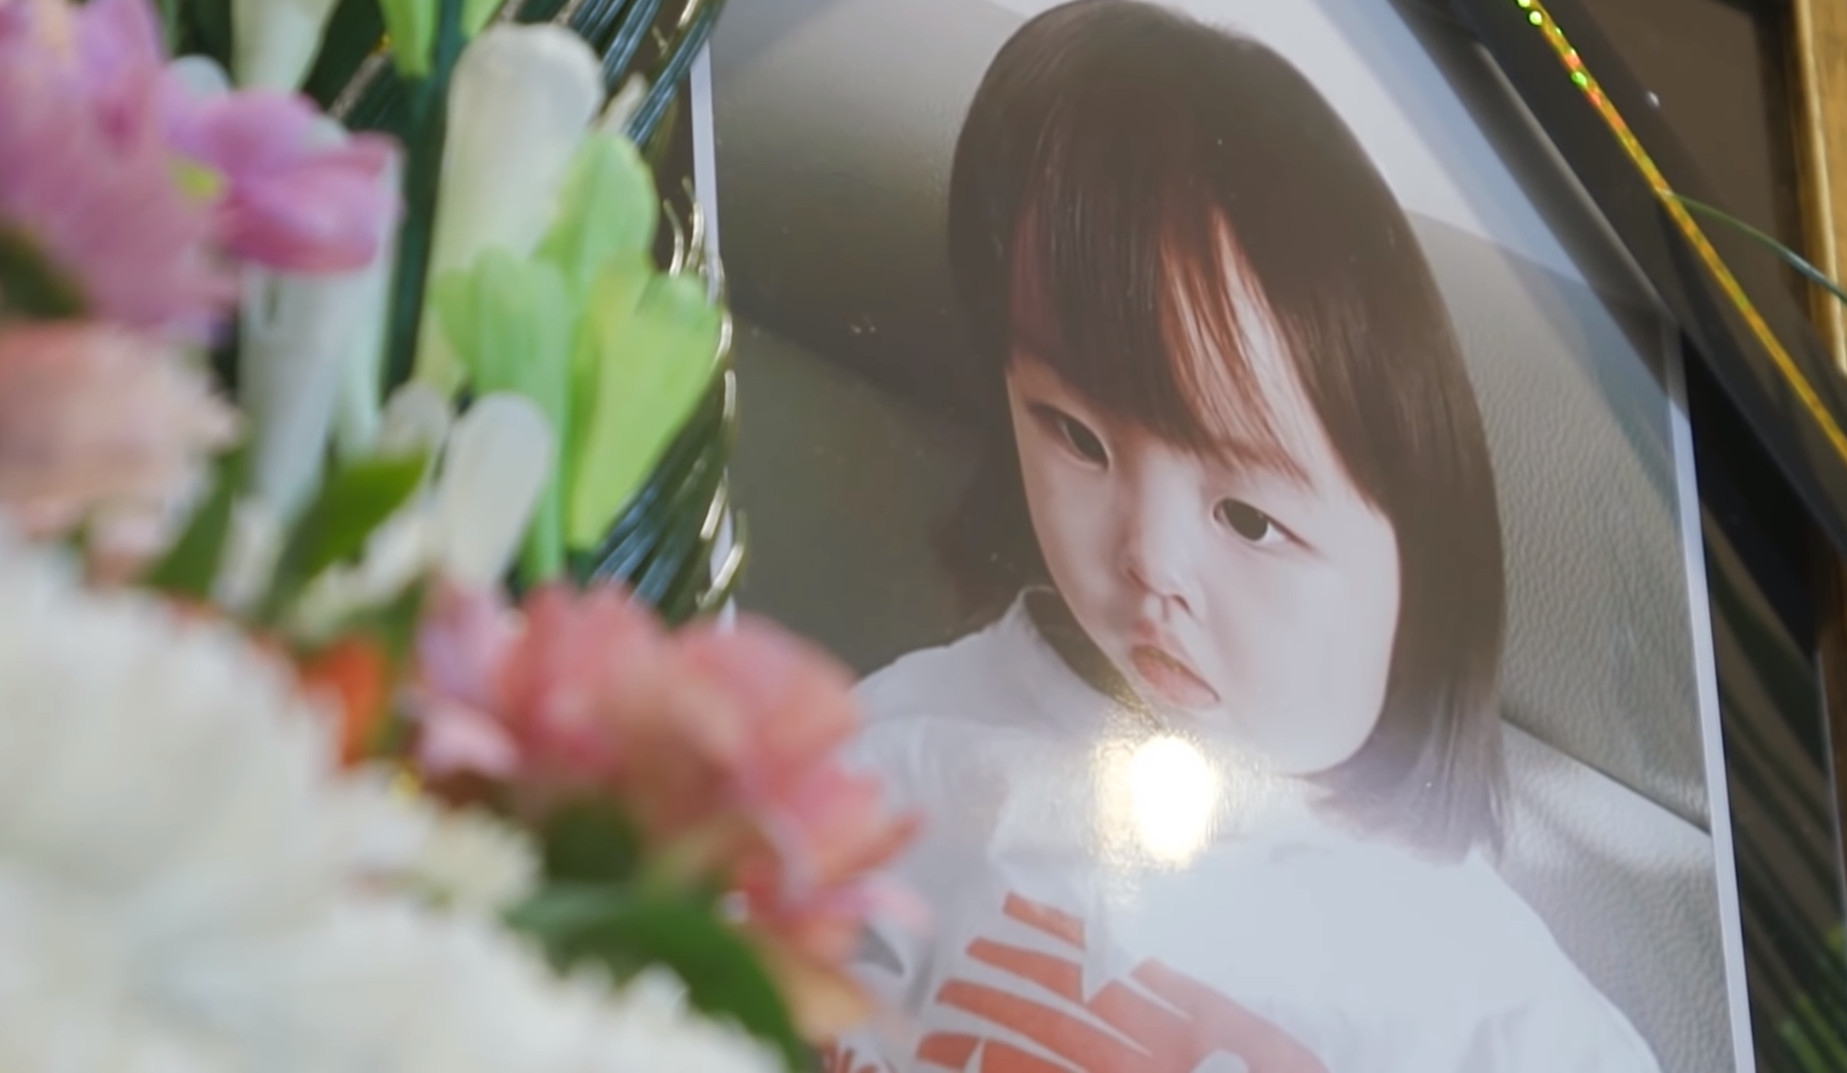 ▲▼南韓慶北龜尾市3歲女嬰遭棄置空屋餓死,案情撲朔迷離。(圖/翻攝自Youtube@실화 On)